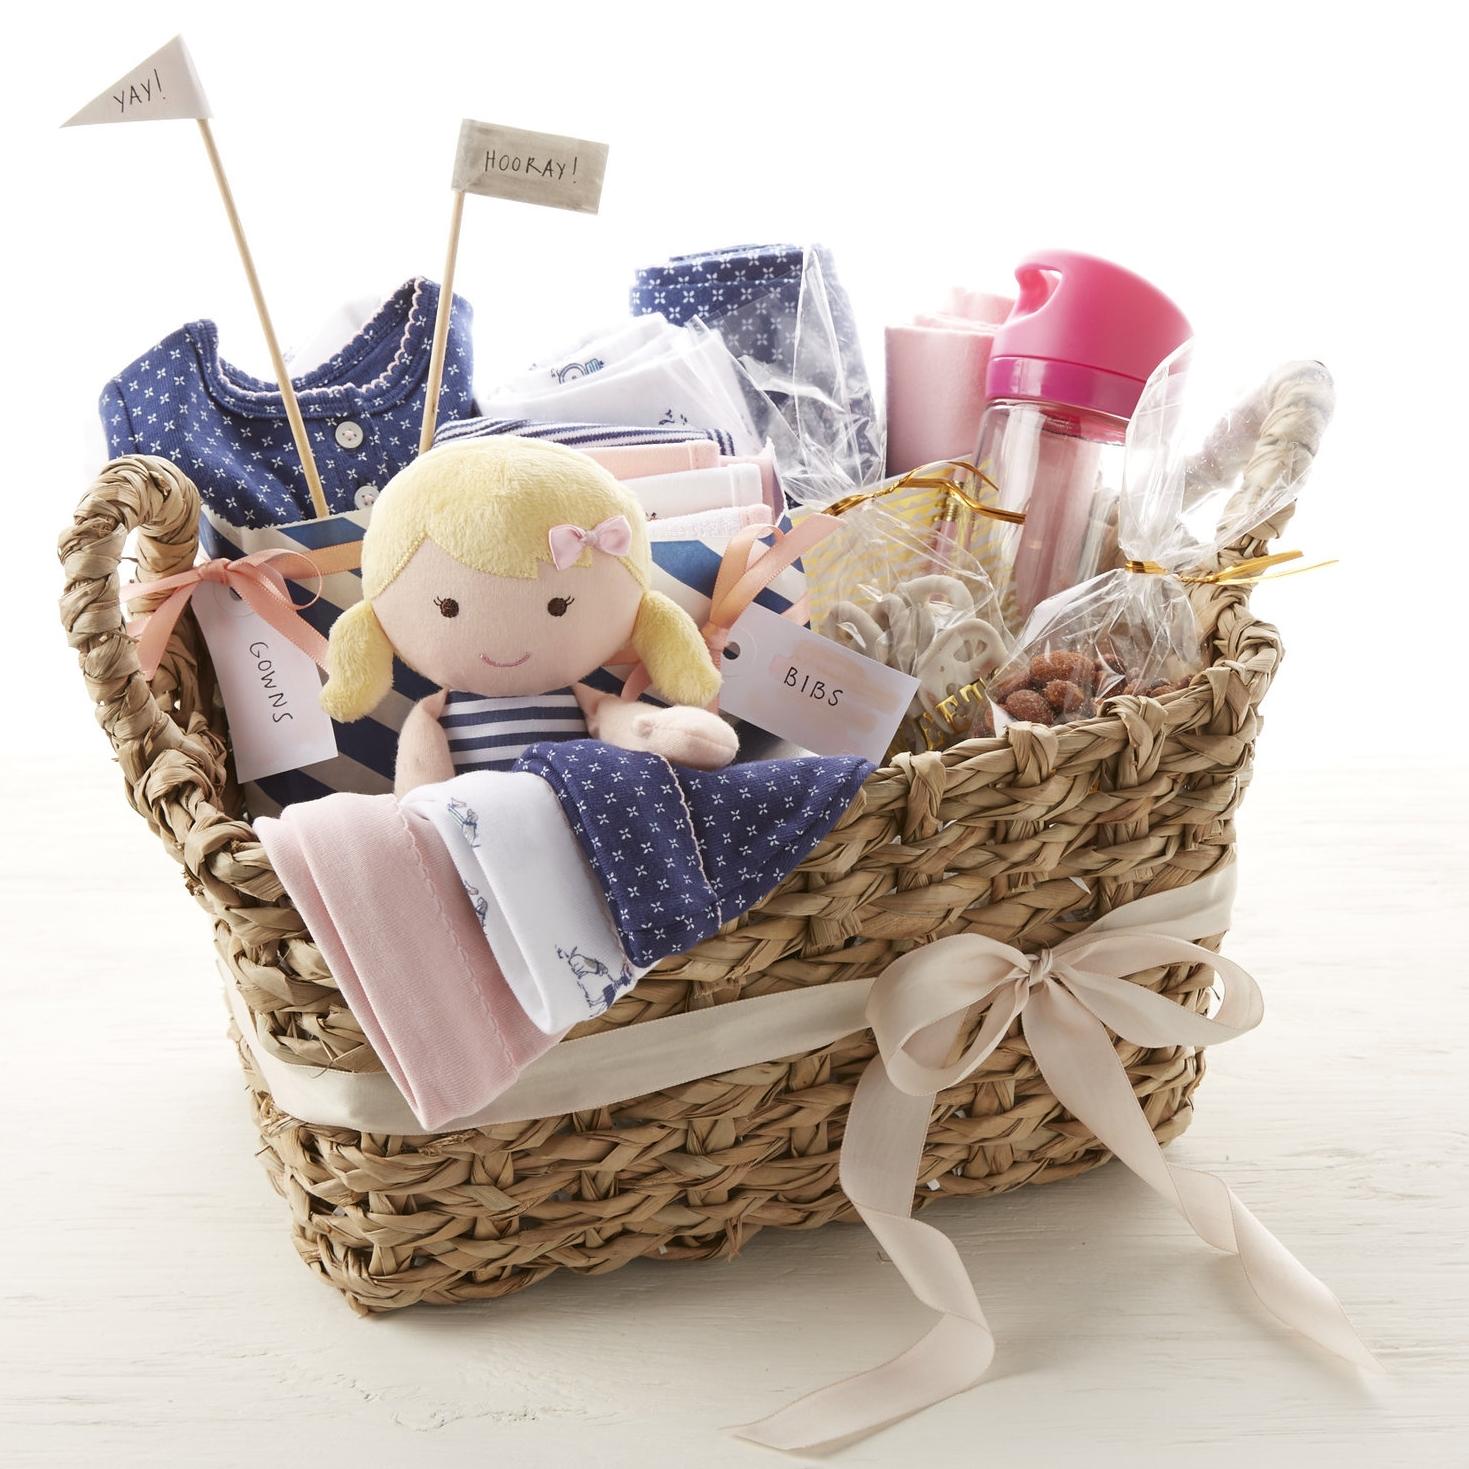 New Mom Gift Basket  for Carter's |   Steve Pomberg